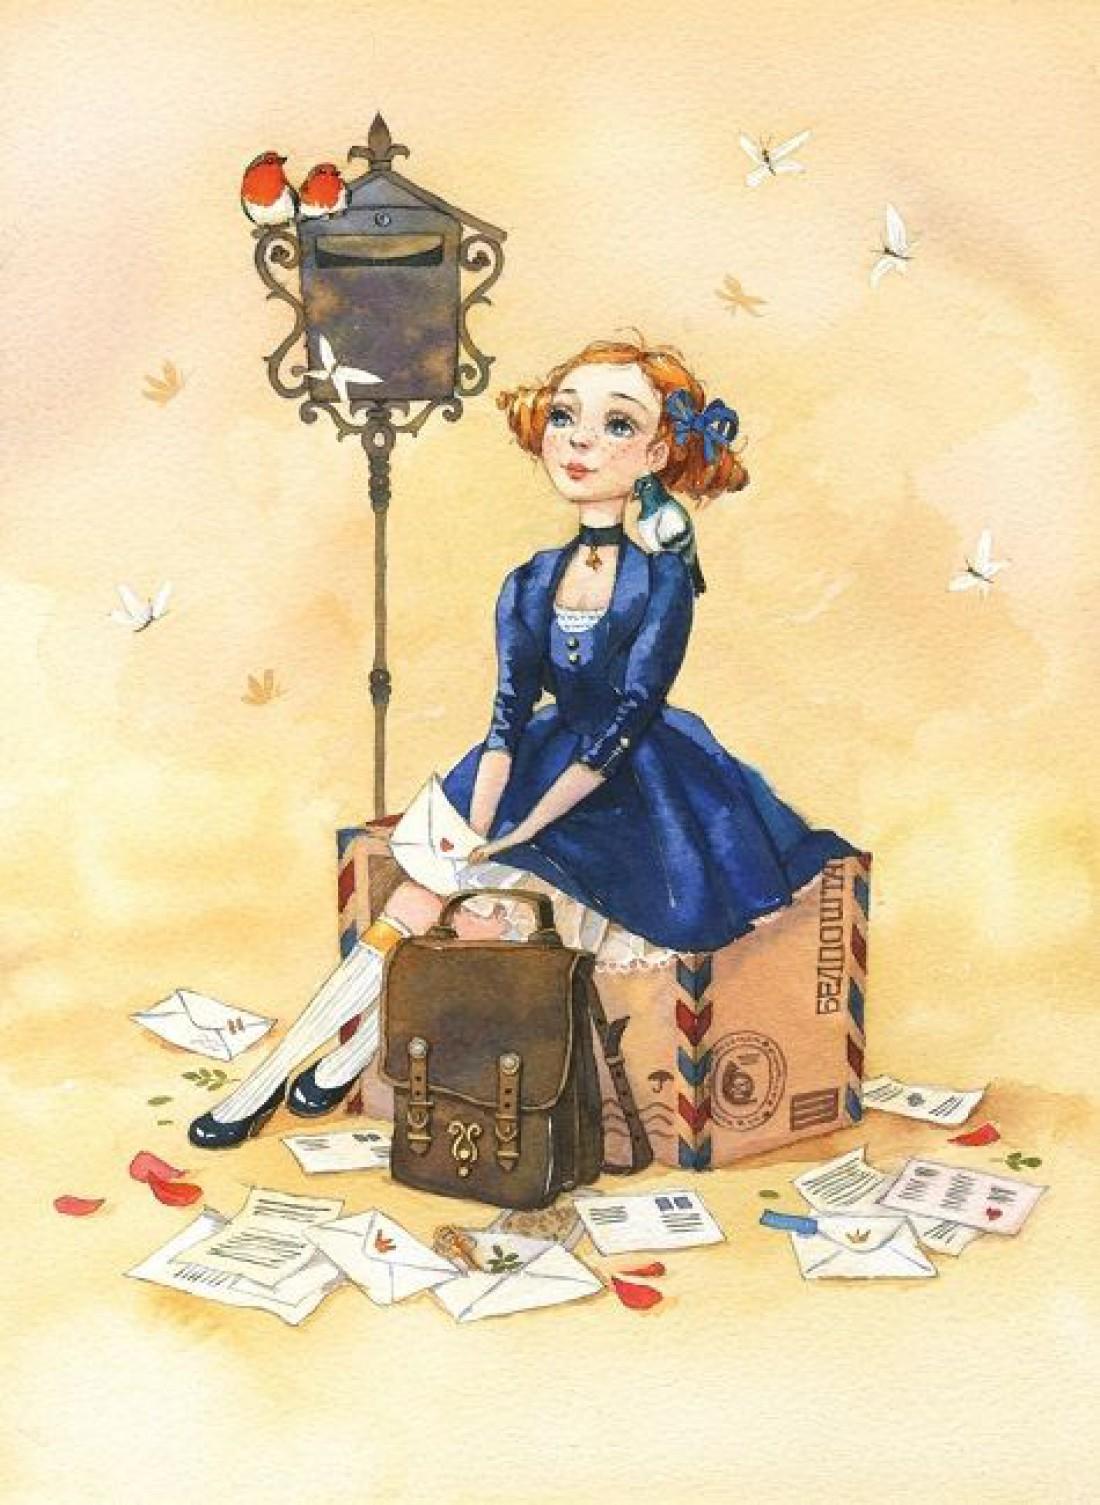 День почты: история и традиции праздника